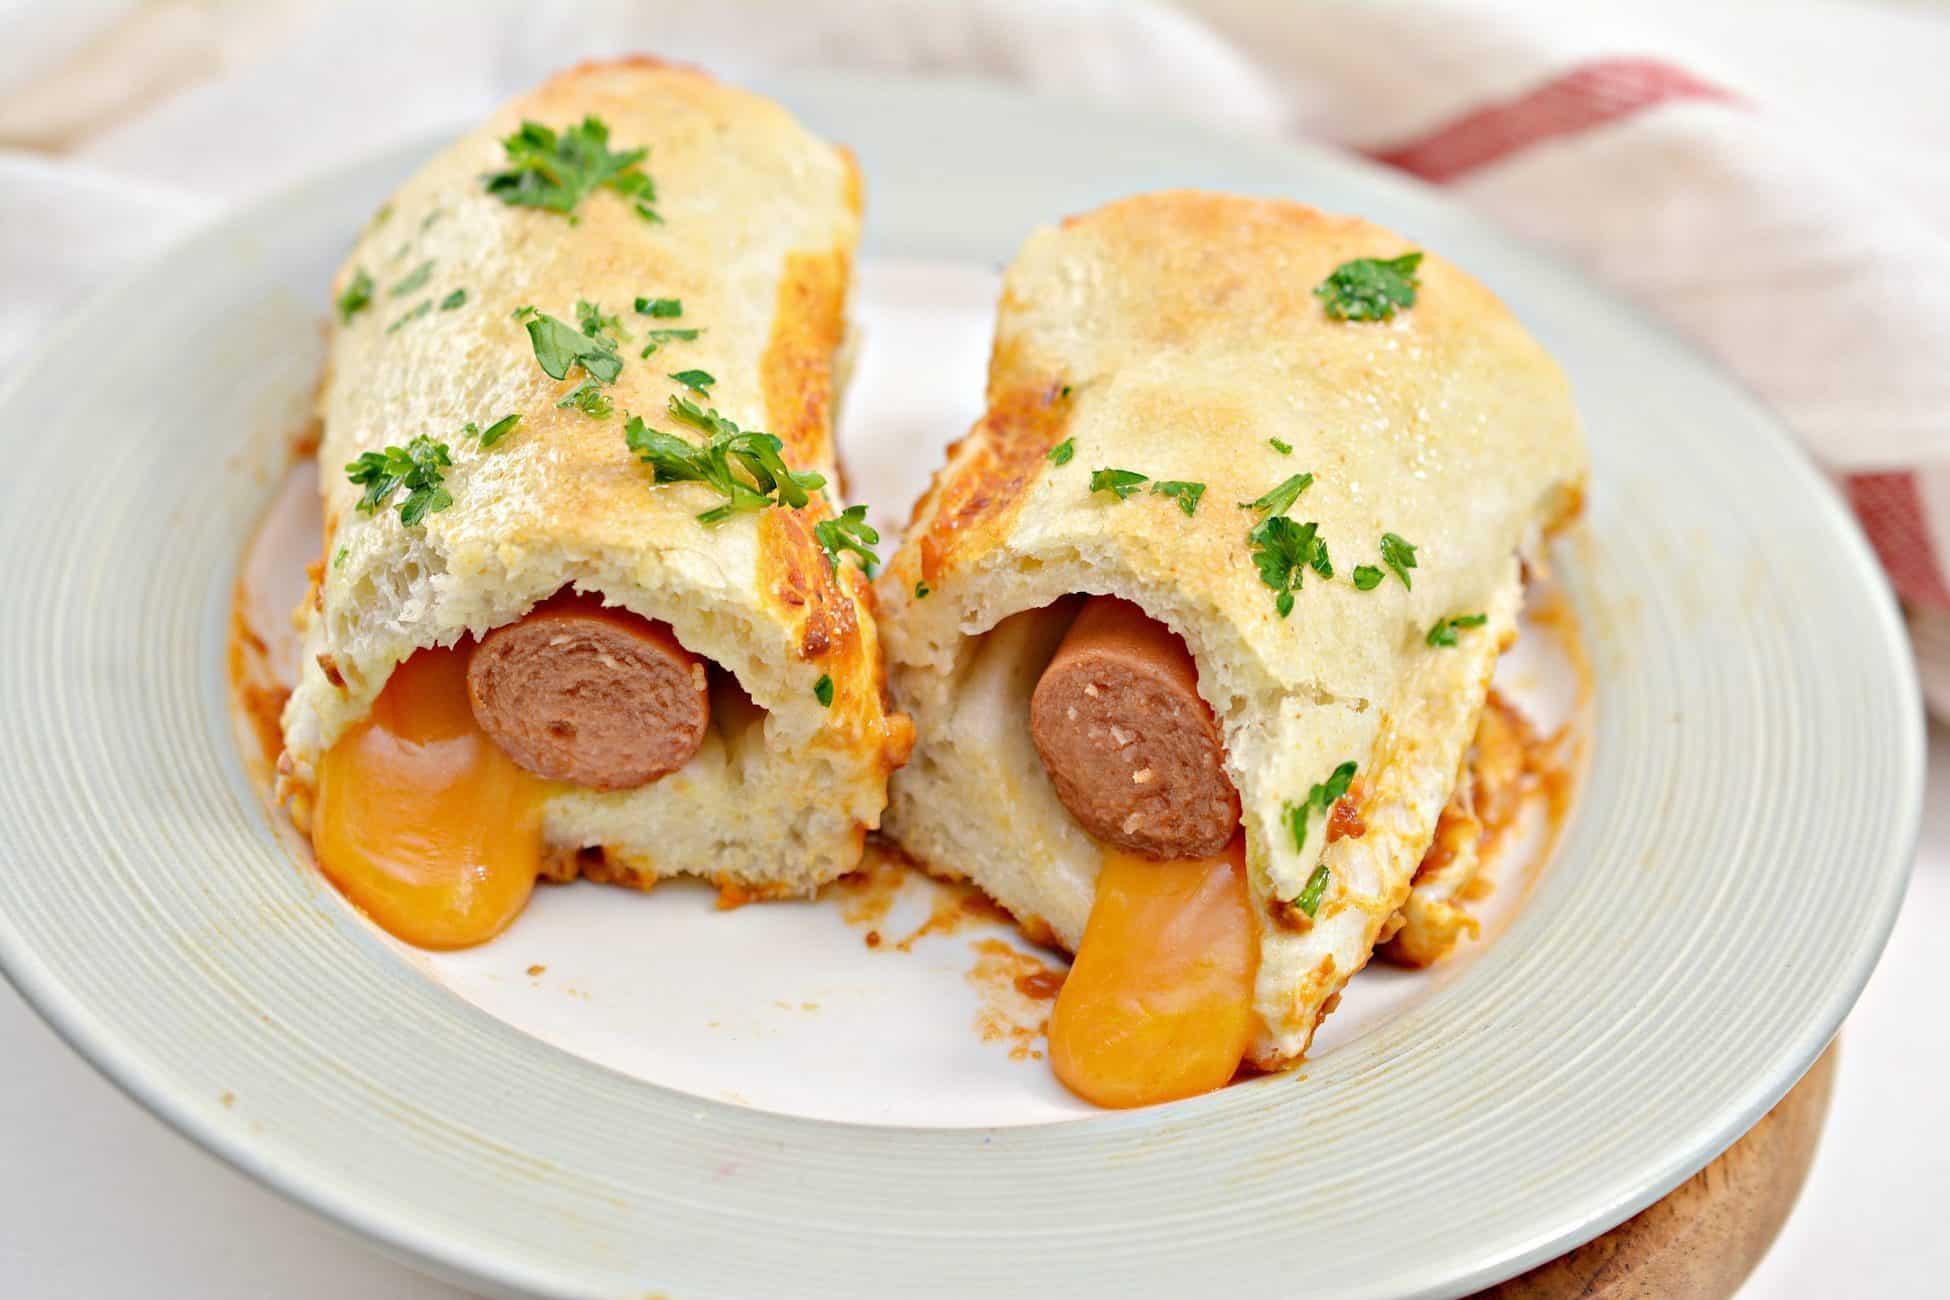 Chili Cheese Dog Bake Dinner